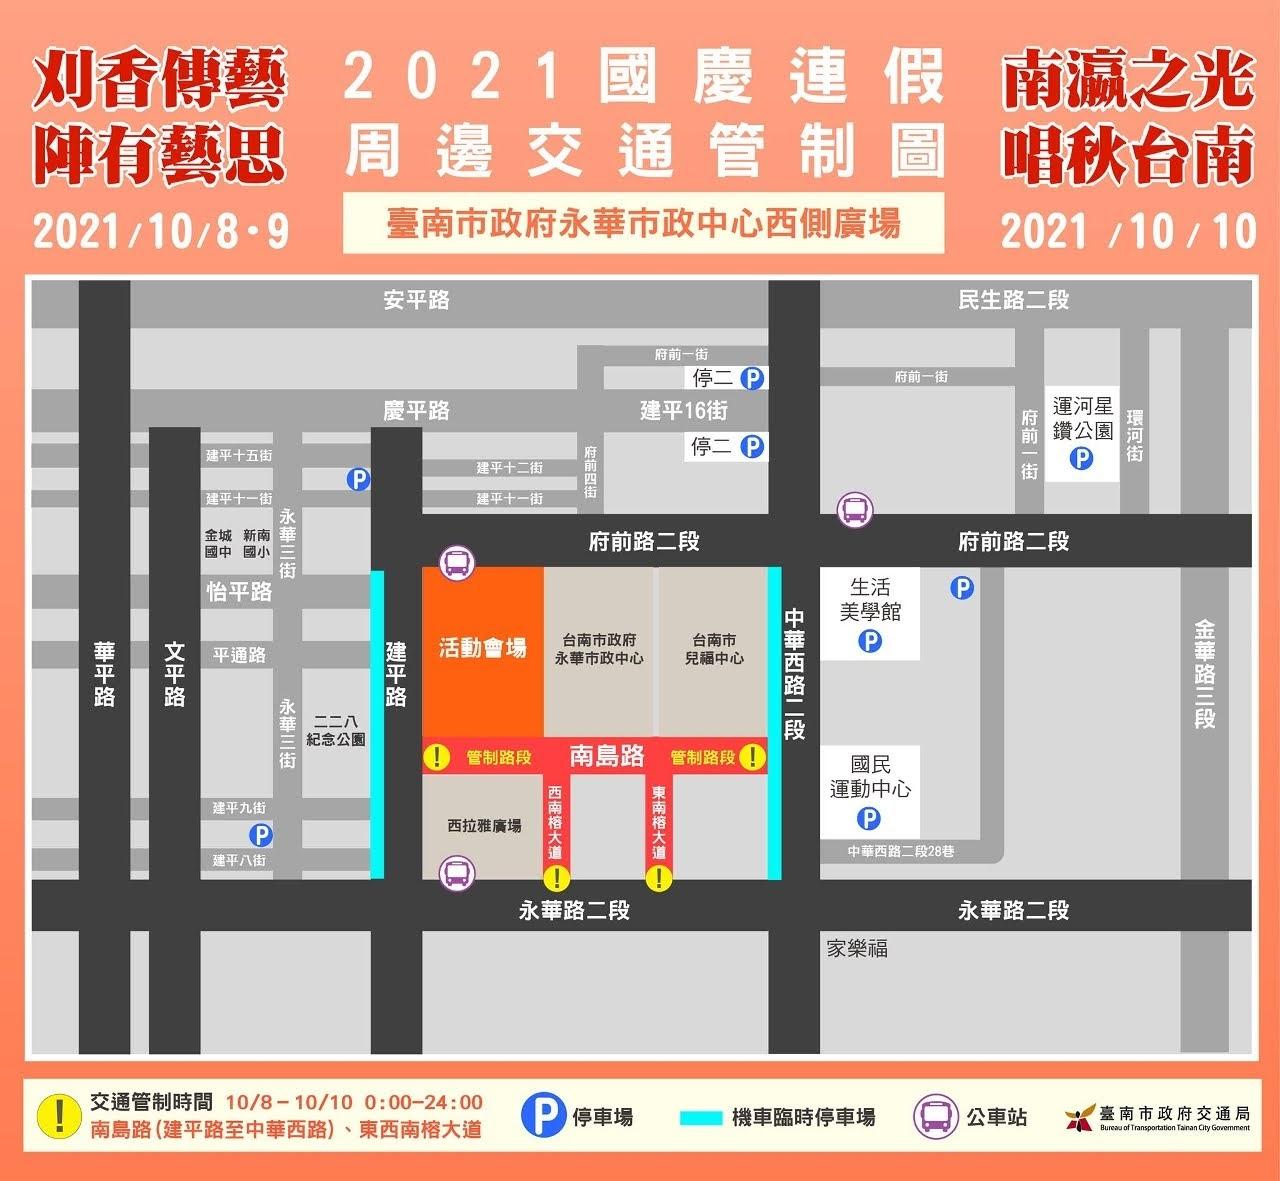 刈香傳藝 陣有藝思 2021台南藝術節開幕場 活動